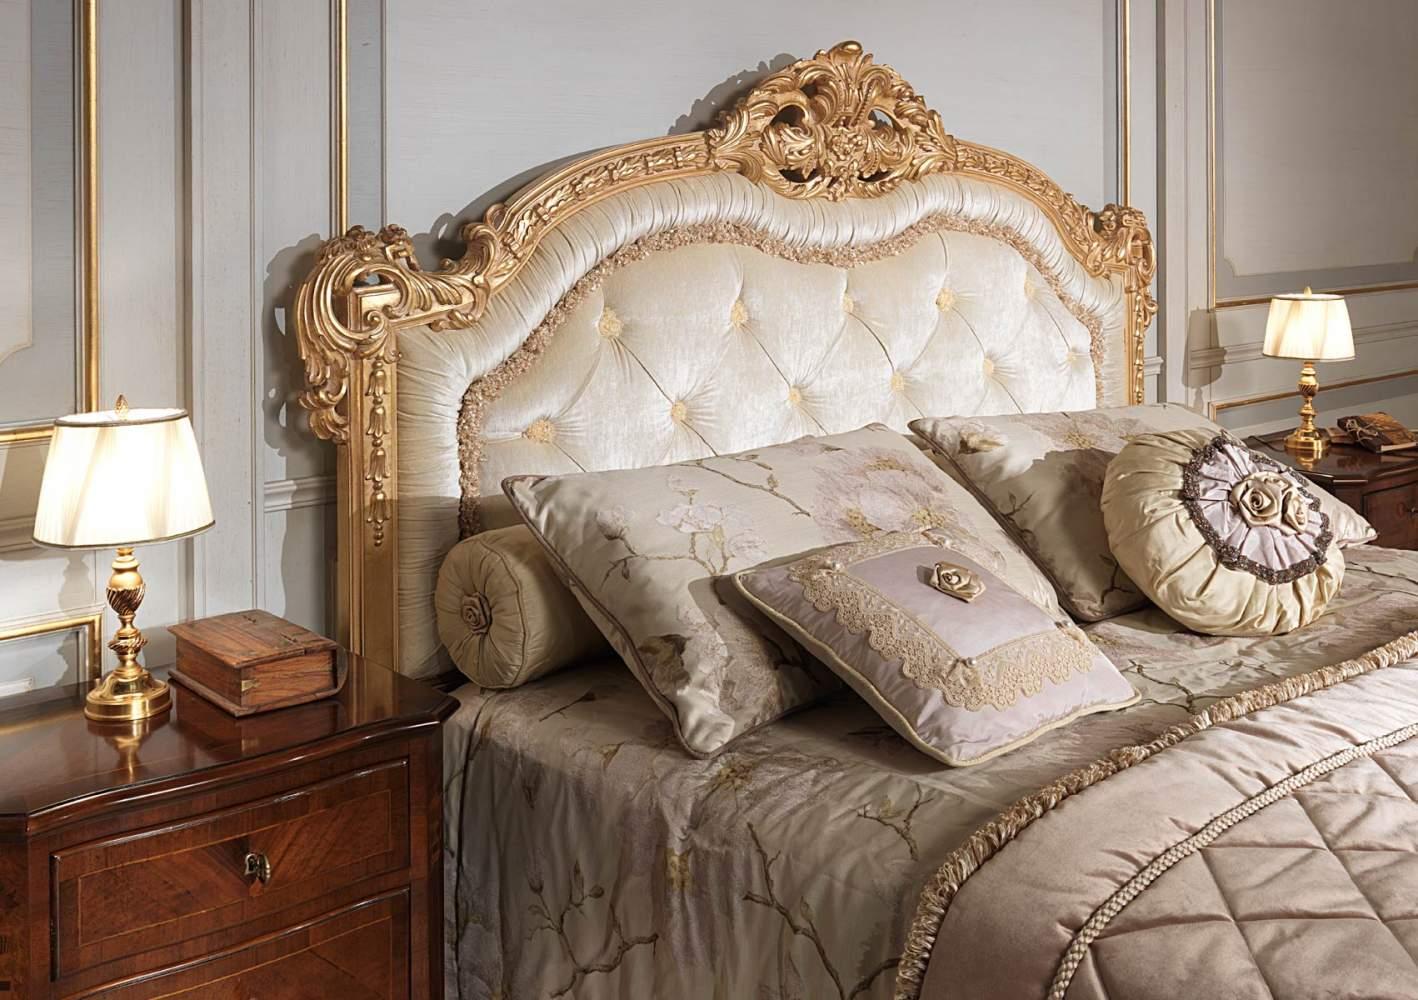 Camera da letto classica 800 francese, letto capitonné con intagli dorati